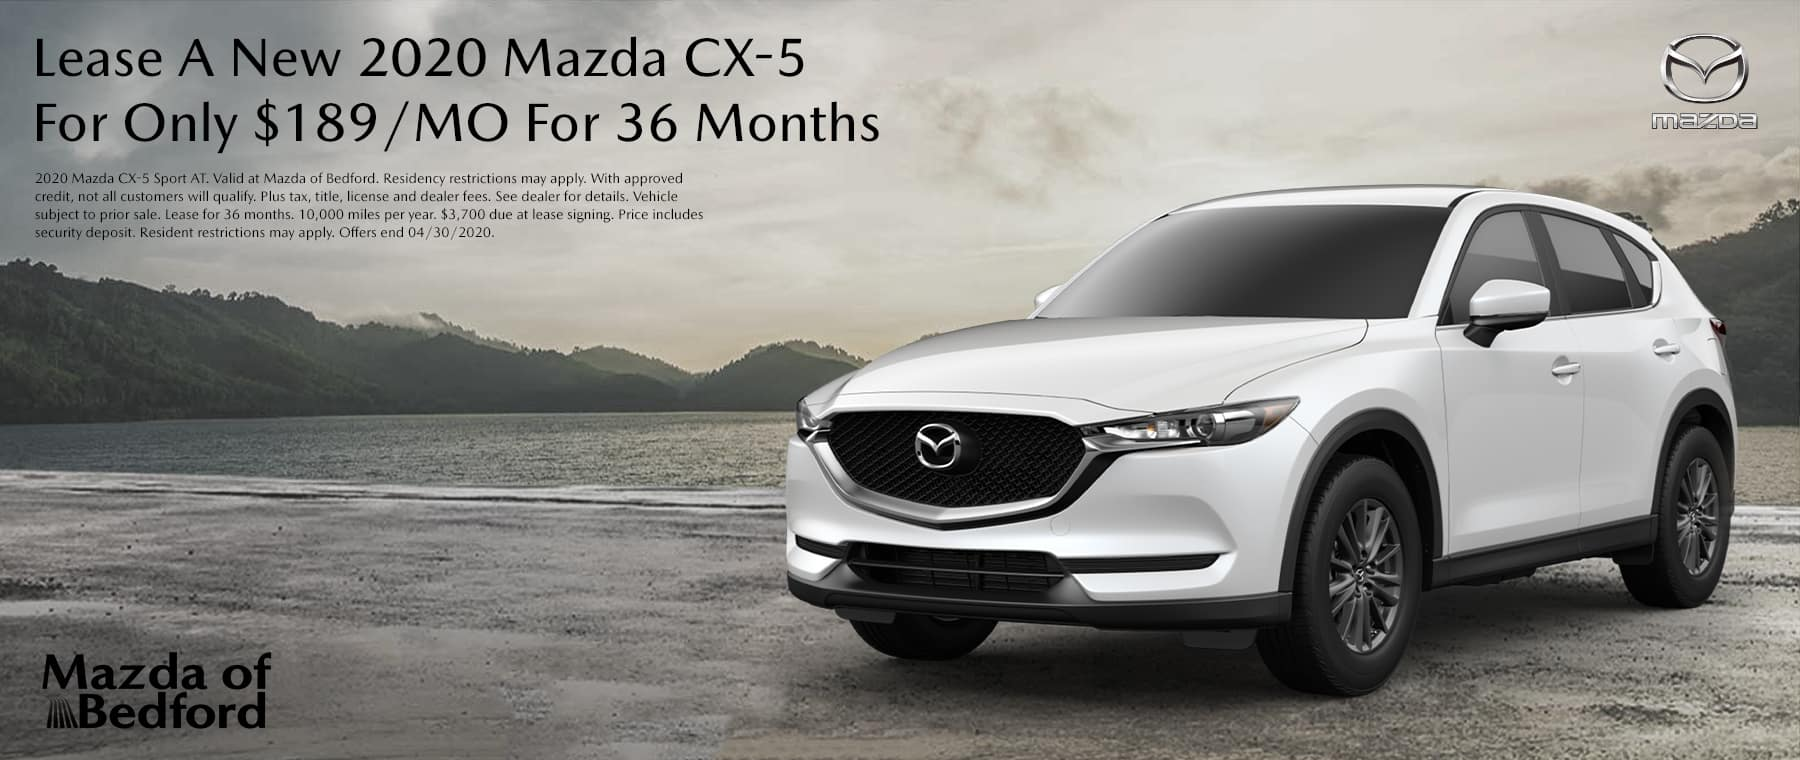 2020 Mazda CX-5 - Mazda of Bedford - Bedford, OH